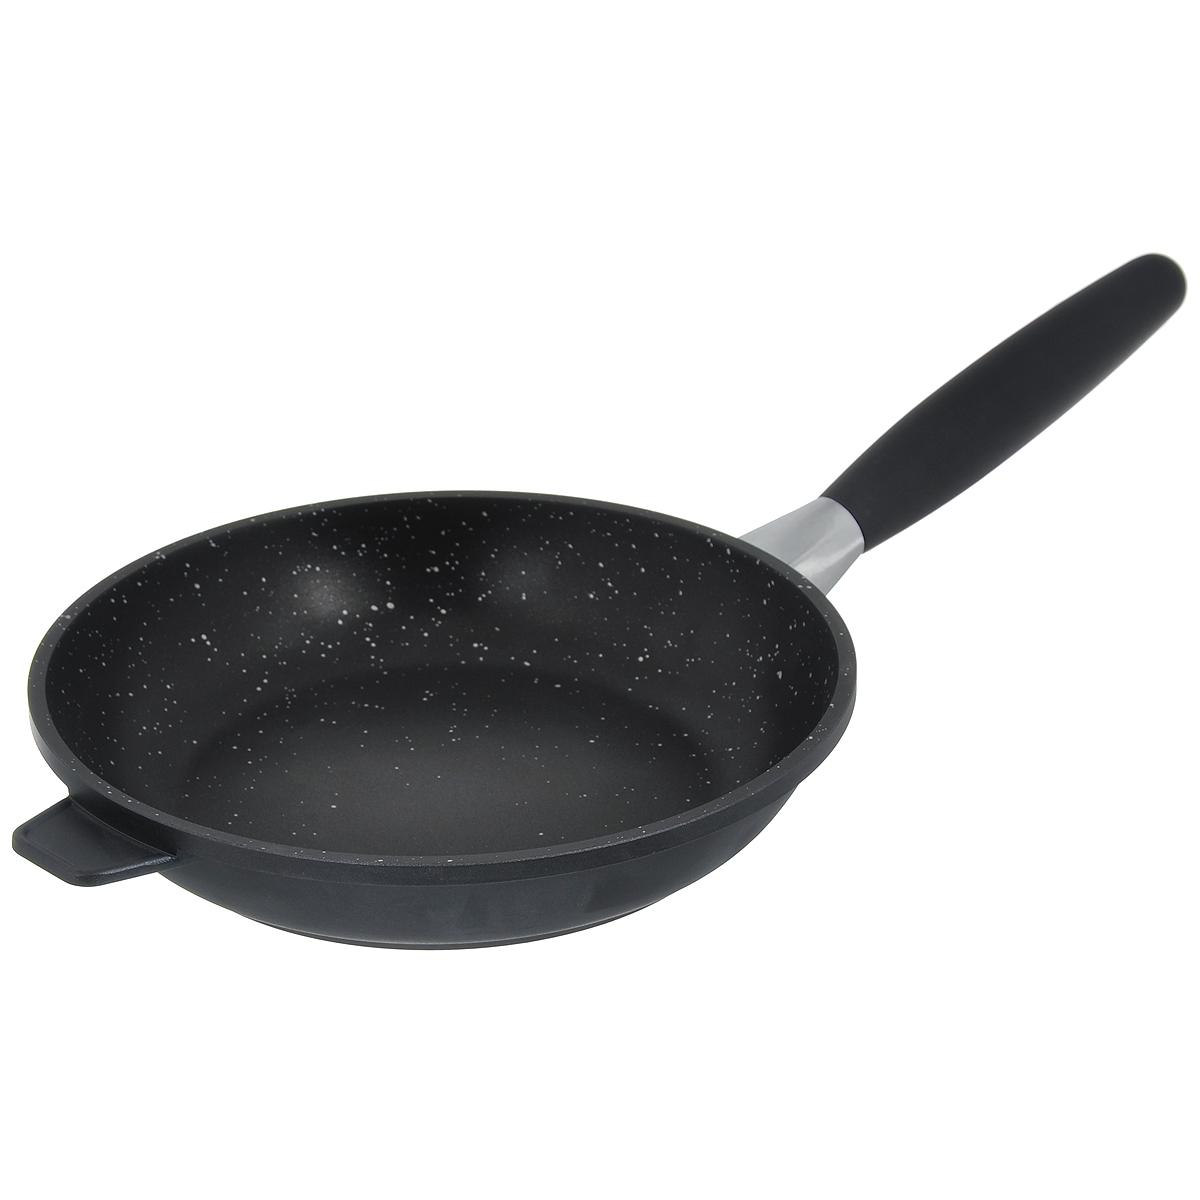 Сковорода BergHOFF Scala, с антипригарным покрытием. Диаметр 24 см2307201Сковорода BergHOFF Scala выполнена из литого алюминия, который имеет эффект чугунной посуды. За счет особой технологии литья дно в 2 раза толще стенок. В отличие от чугуна посуда из алюминия легче по весу и быстро нагревается, что гарантирует сбережение энергии. Сковорода имеет антипригарное покрытие Ferno Green, которое в 4 раза прочнее традиционного. Это экологически чистое безопасное для здоровья покрытие. Подходит для приготовления полезных блюд, сохраняются витамины, минералы. Антипригарные свойства посуды позволяют готовить без жира и подсолнечного масла или с его малым количеством. Ручка выполнена из бакелита с покрытием Soft-touch, она имеет комфортную эргономичную форму и не нагревается в процессе эксплуатации. Ручка съемная, что позволяет использовать сковороду для приготовления пищи в духовке. Также это удобно для хранения. Подходит для всех типов плит, включая индукционные. Рекомендуется мыть вручную. Диаметр сковороды (по верхнему краю): 24...